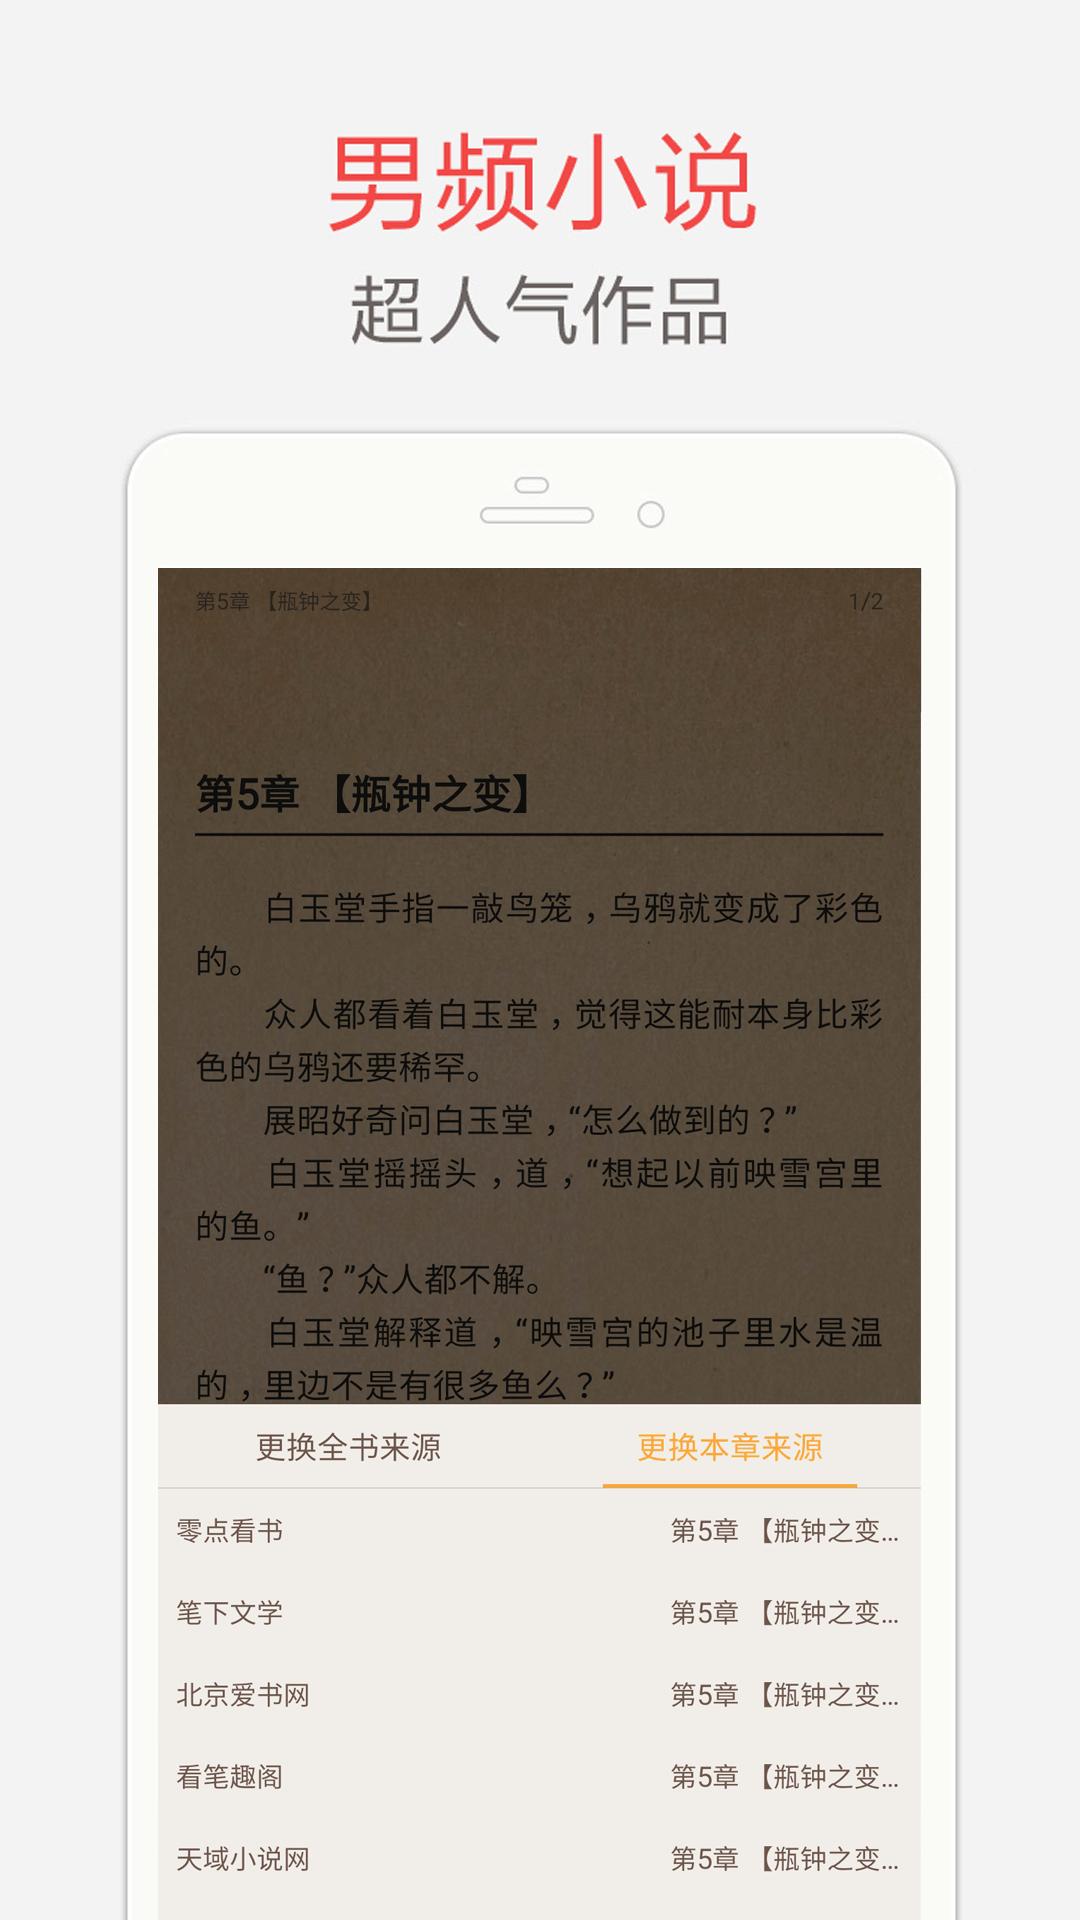 海纳免费小说电子书软件截图2